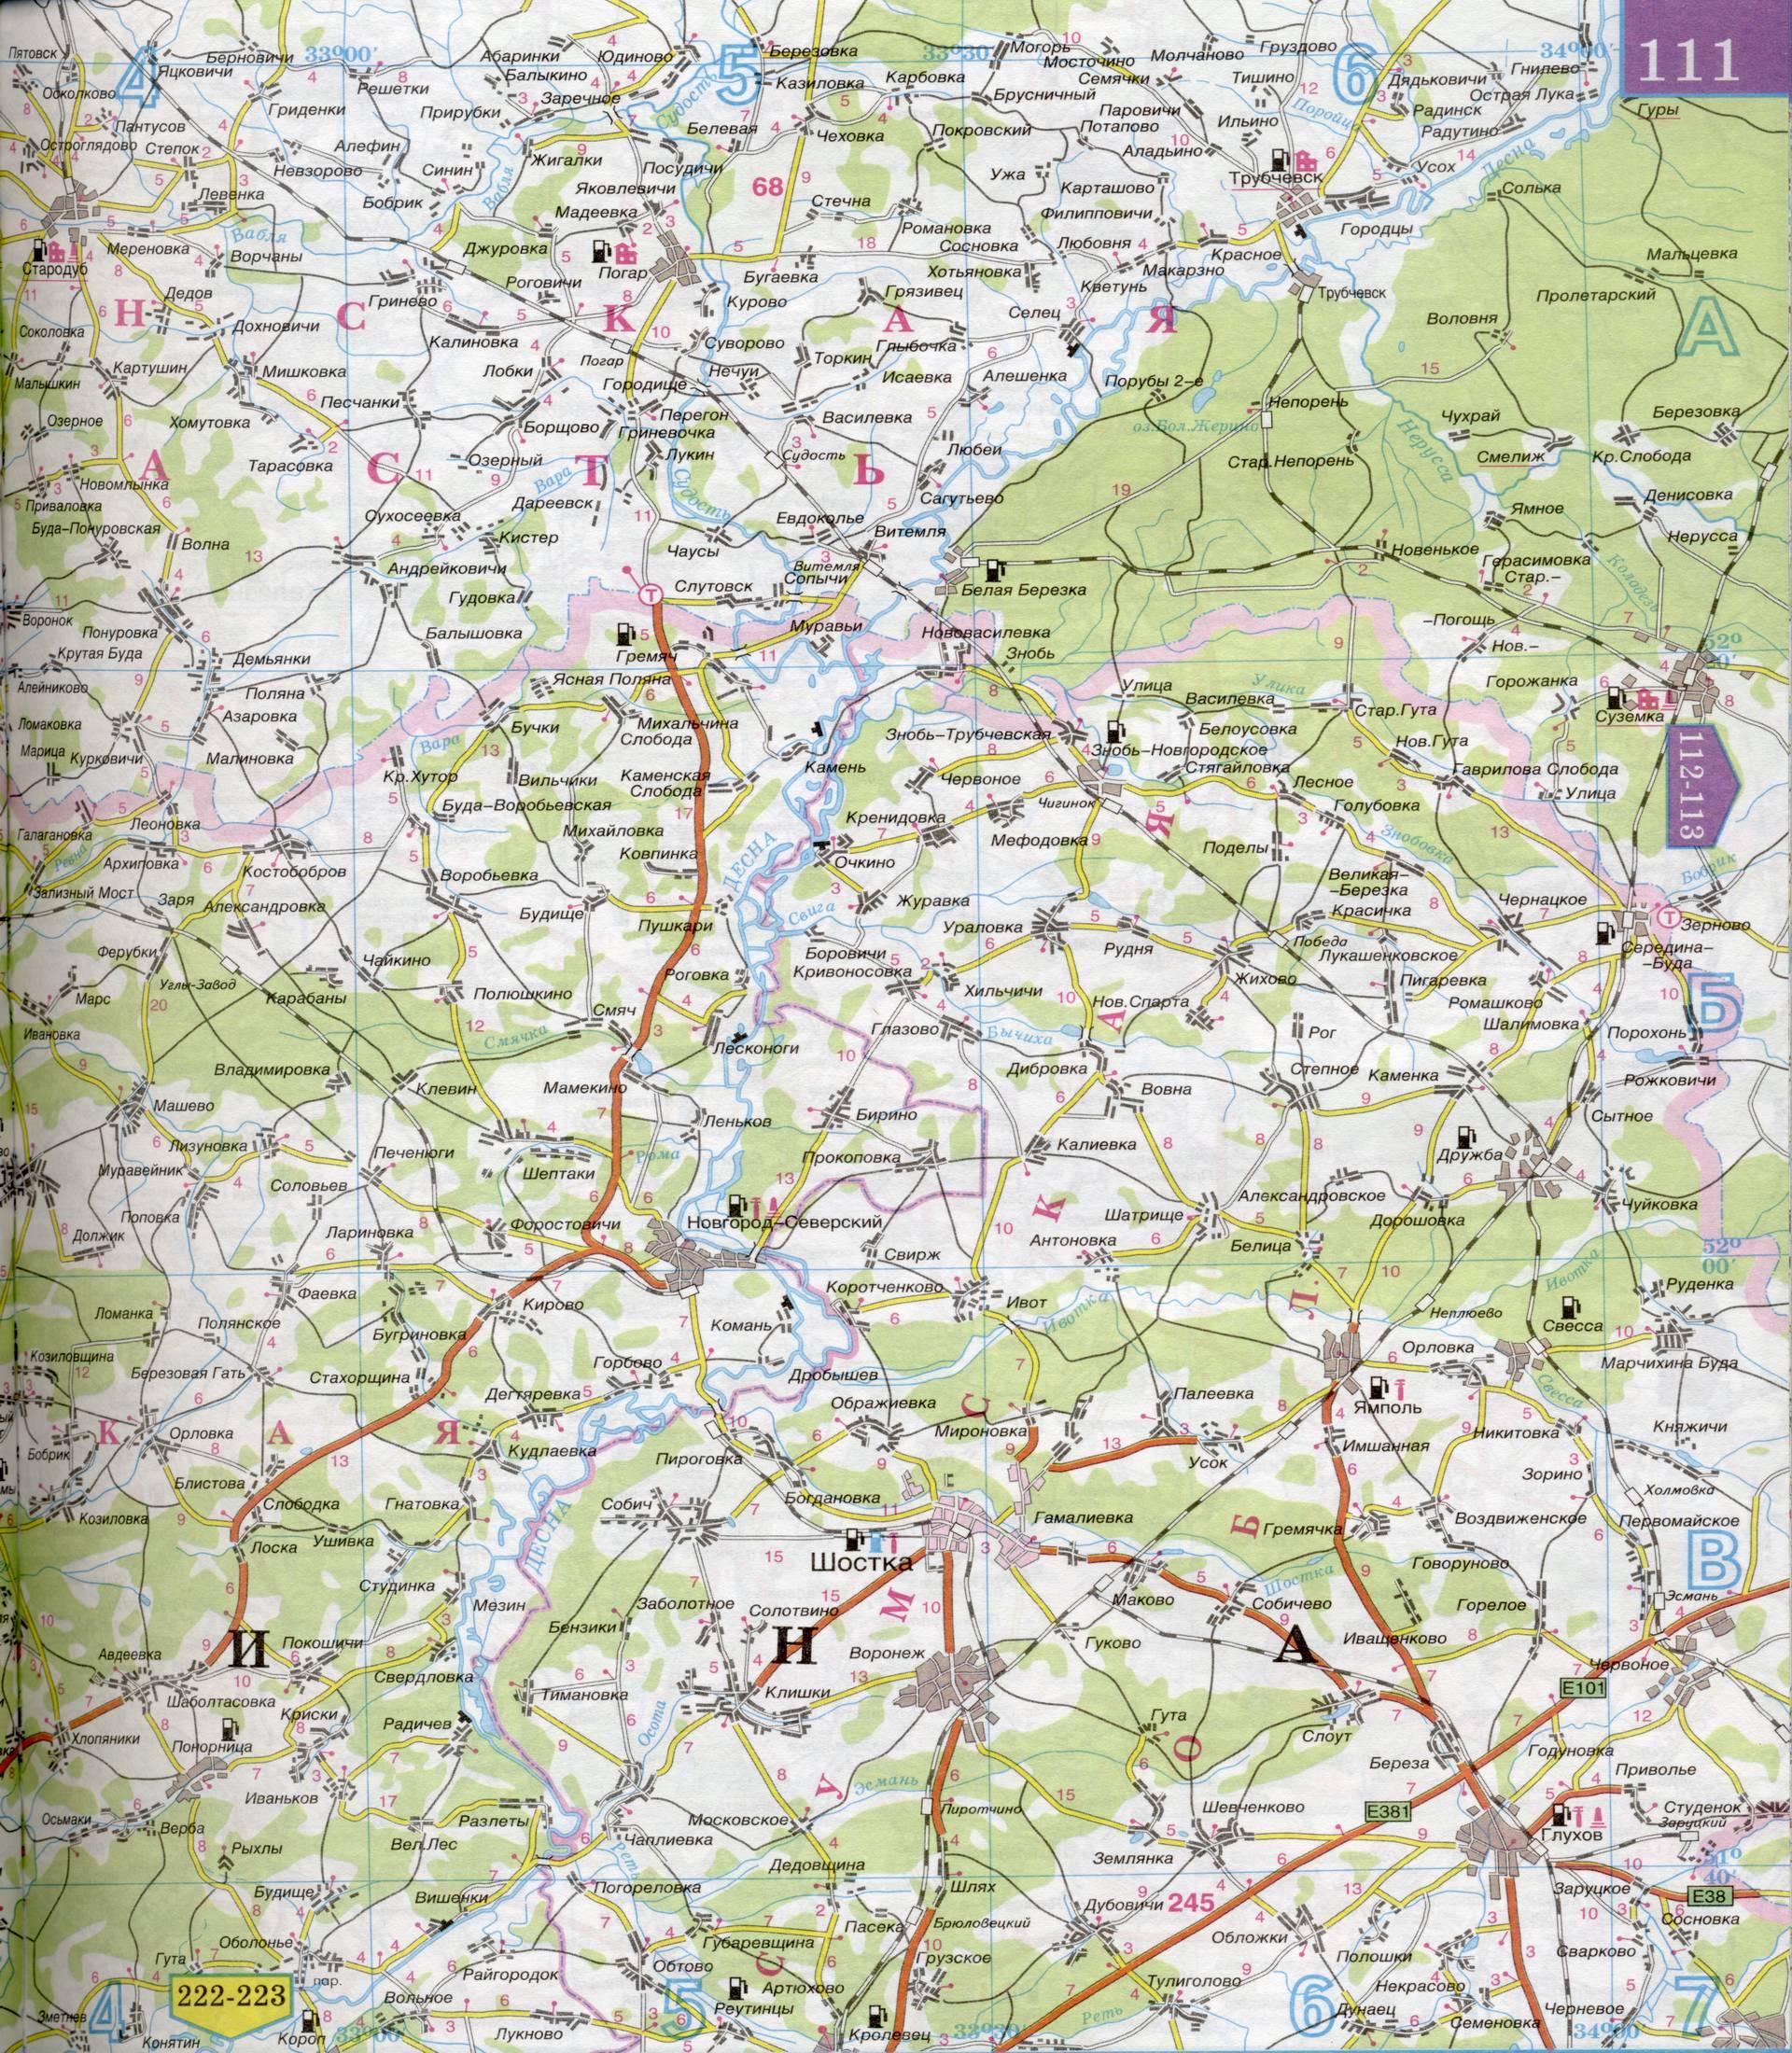 Очень подробная карта авто дорог масштаба 1см:5км.  Показаны пограничные районы Белоруссии и Украины.